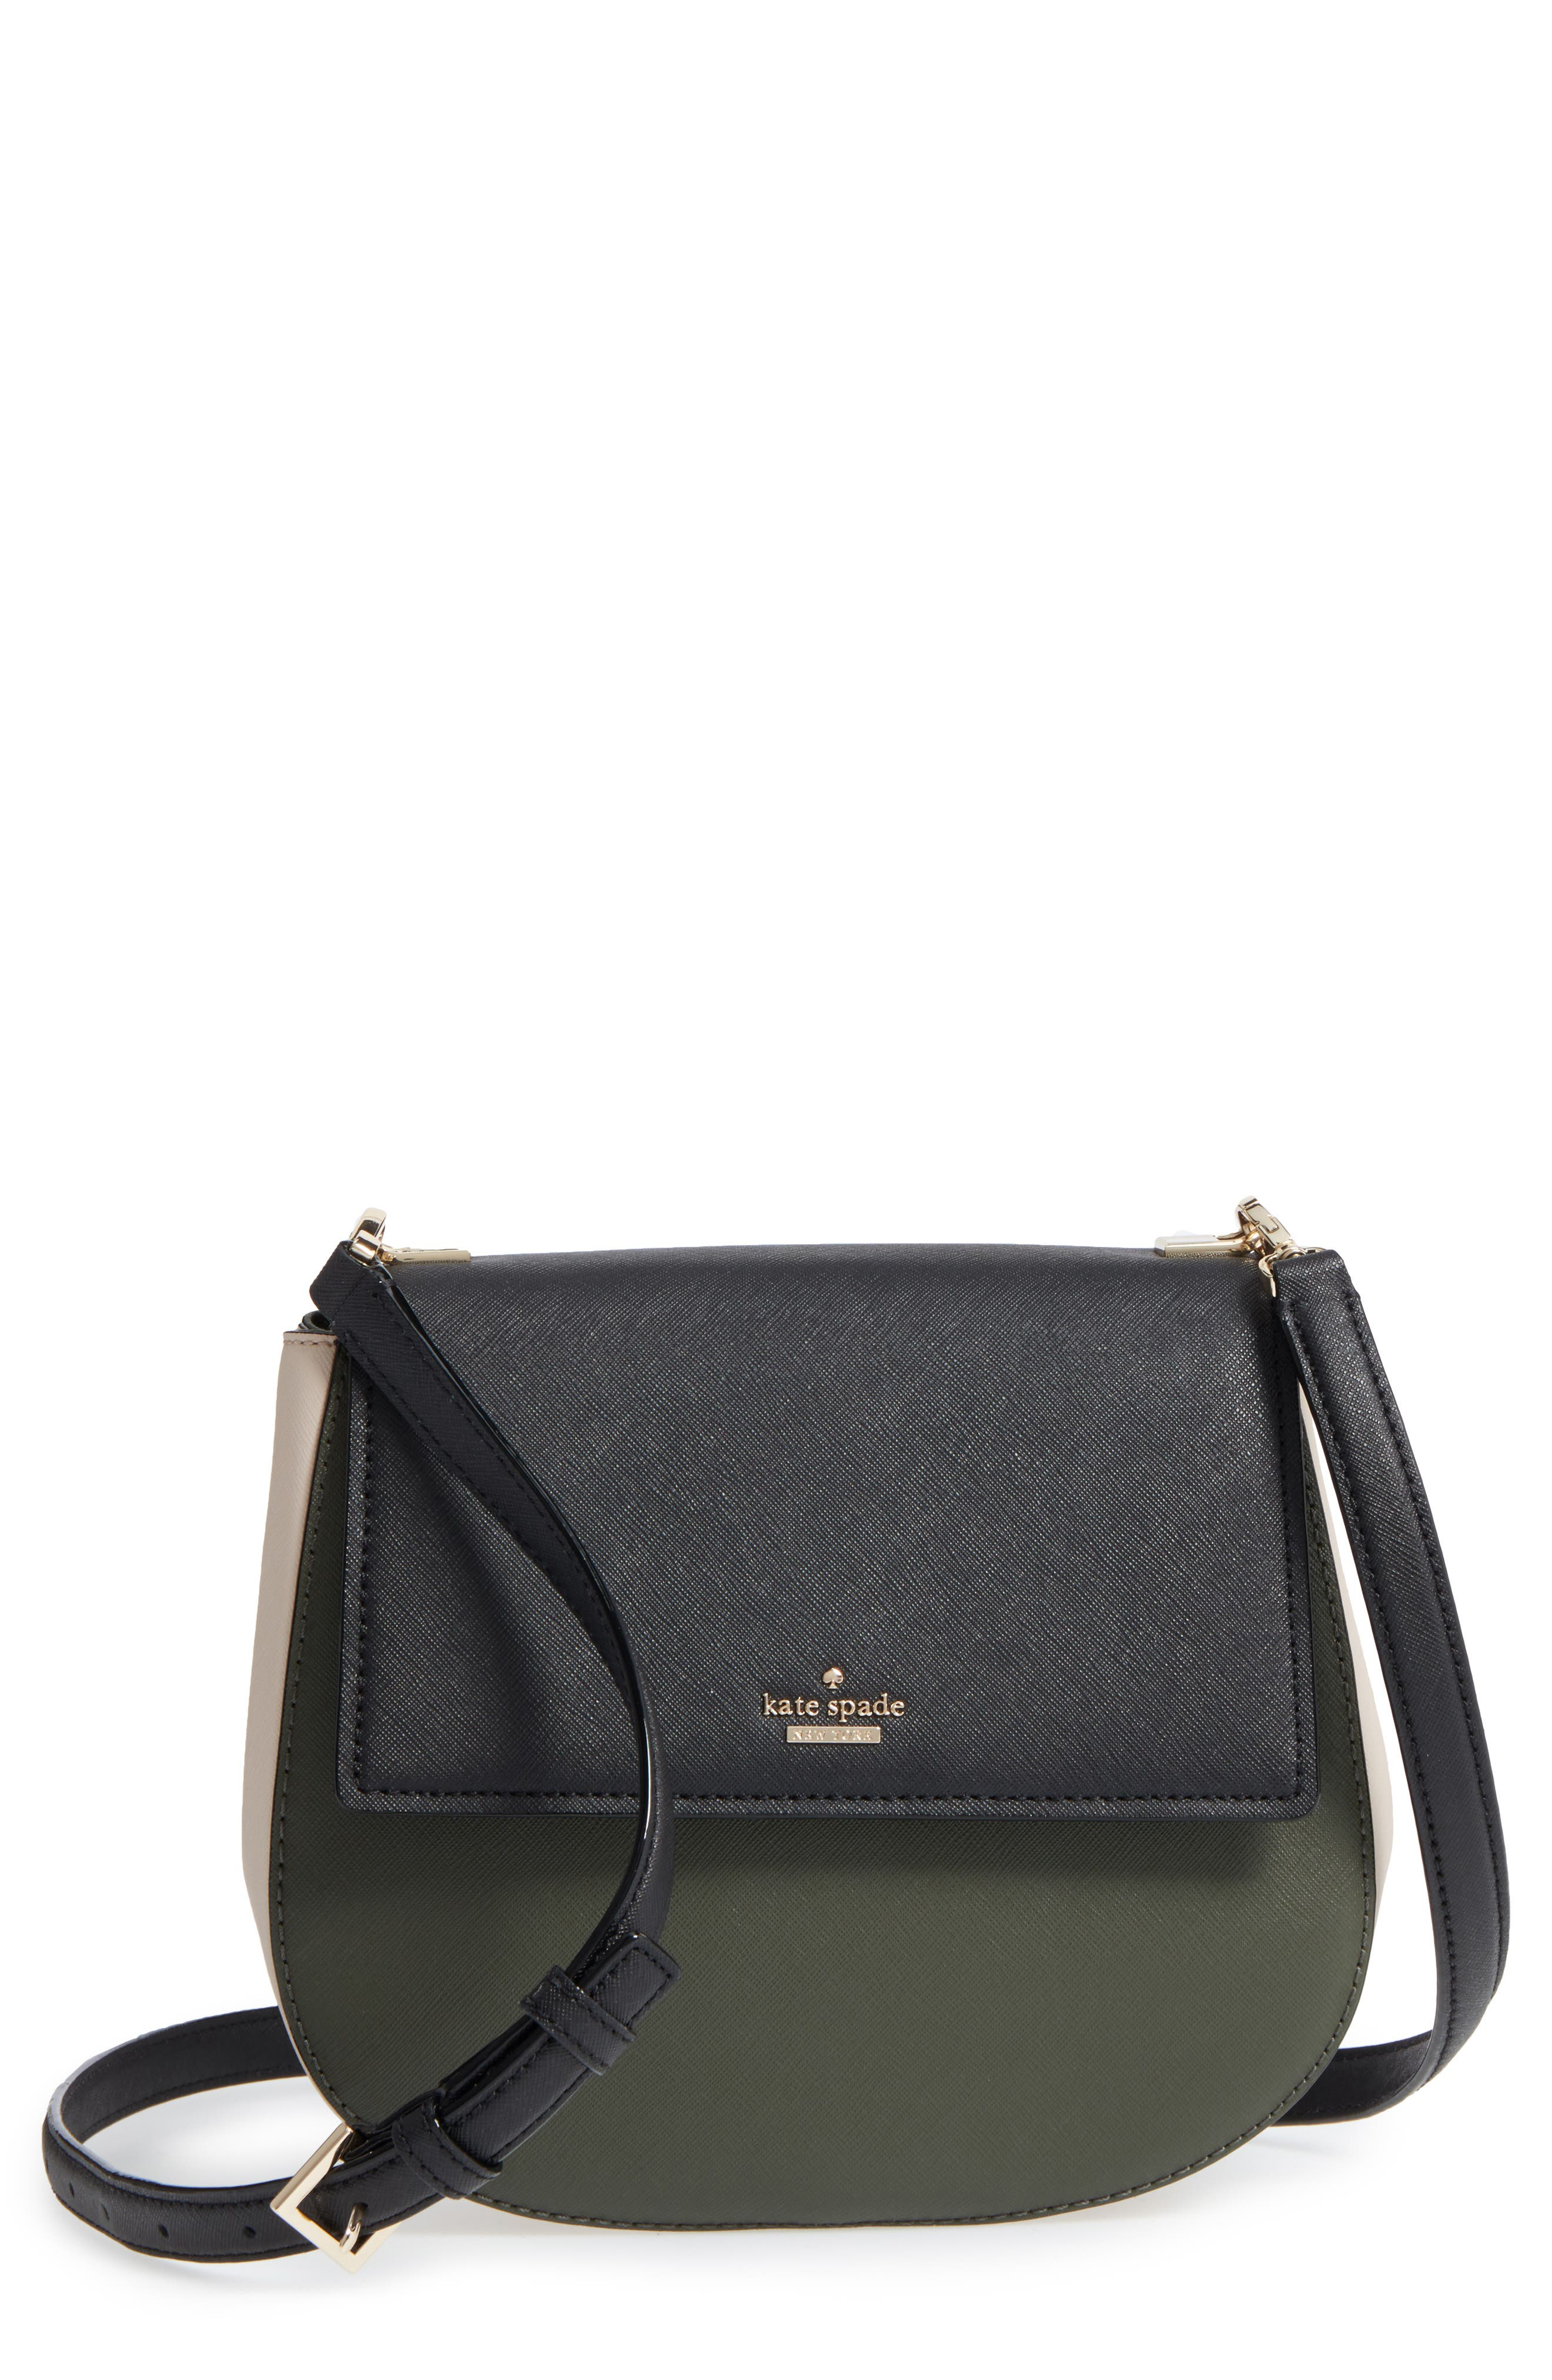 Alternate Image 1 Selected - kate spade new york cameron street - byrdie leather crossbody bag